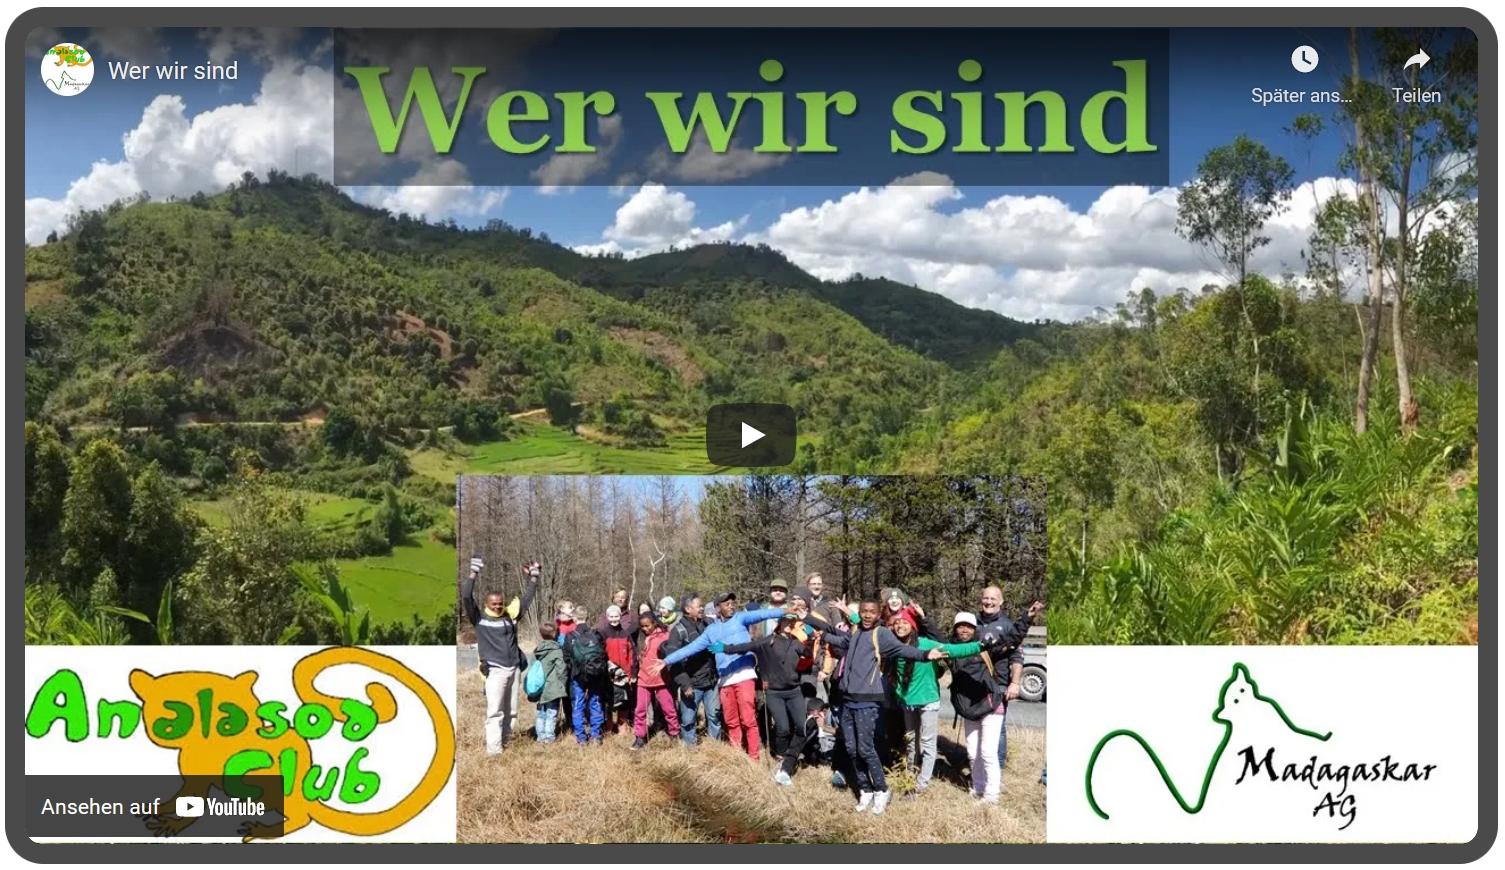 Neues von der Altenberger Madagaskar-AG